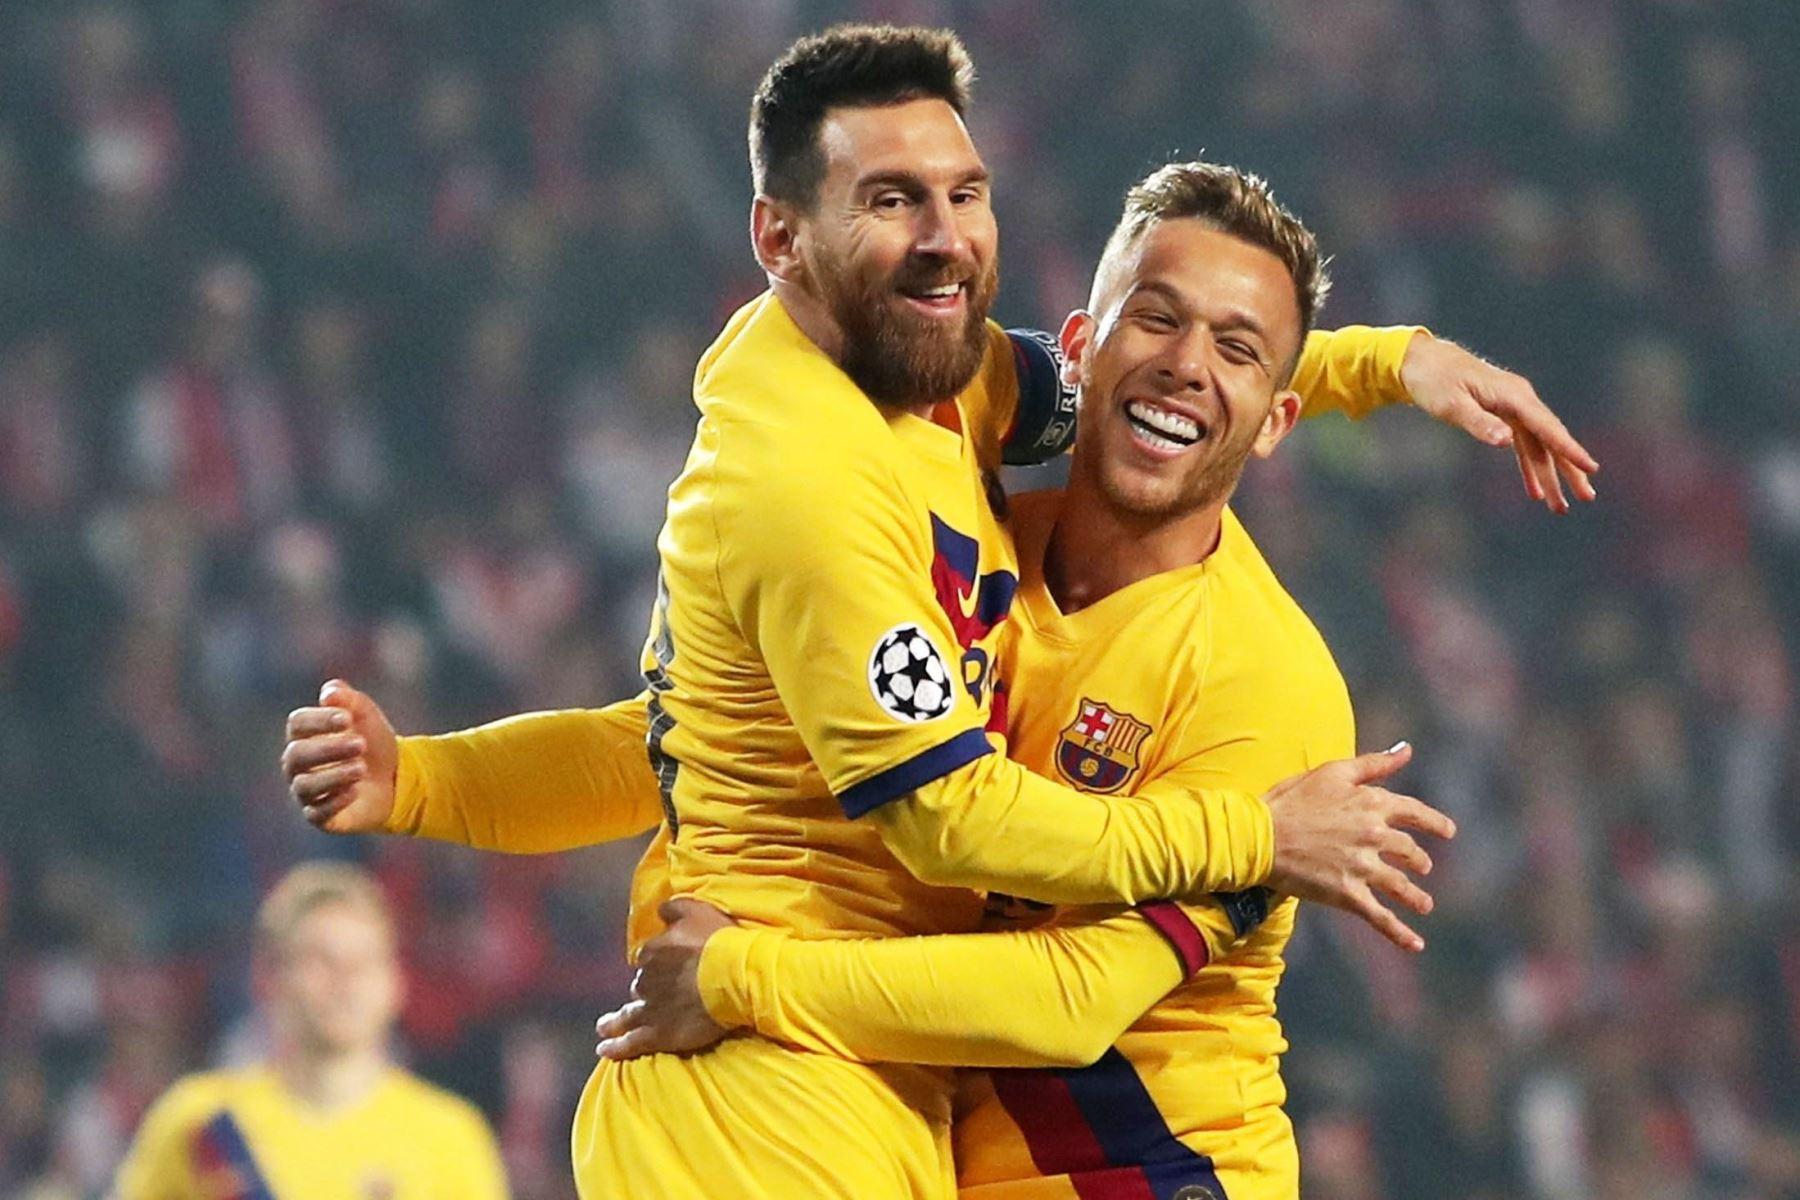 Lionel Messi de Barcelona celebra con sus compañeros después de marcar el gol de apertura durante el partido del Grupo F de la Liga de Campeones de la UEFA. Foto: AFP